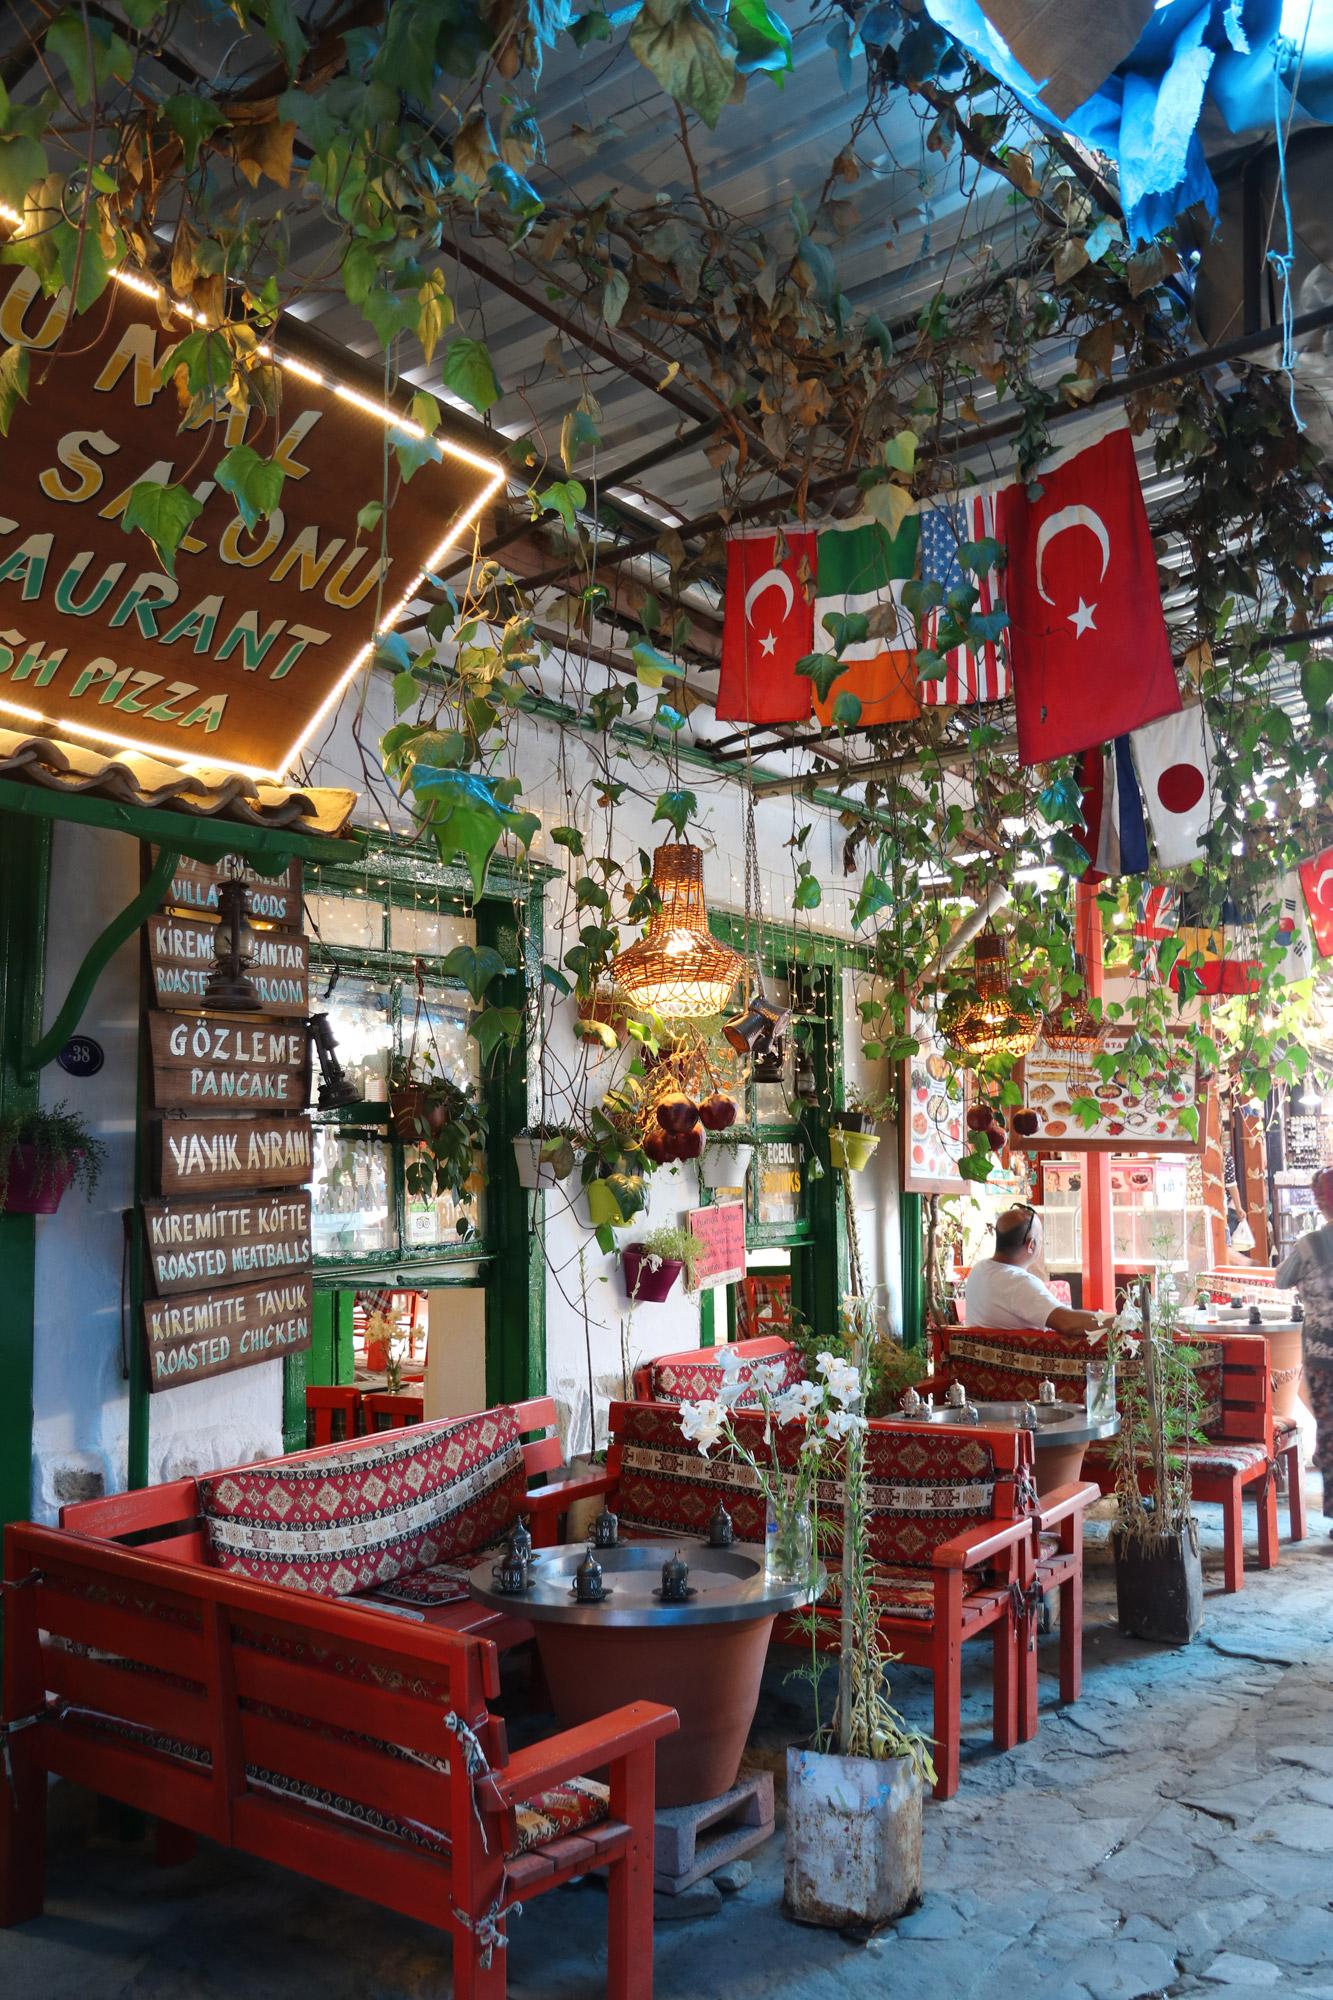 Turkije reisverslag: Efeze en Şirince - Bazaar van Şirince